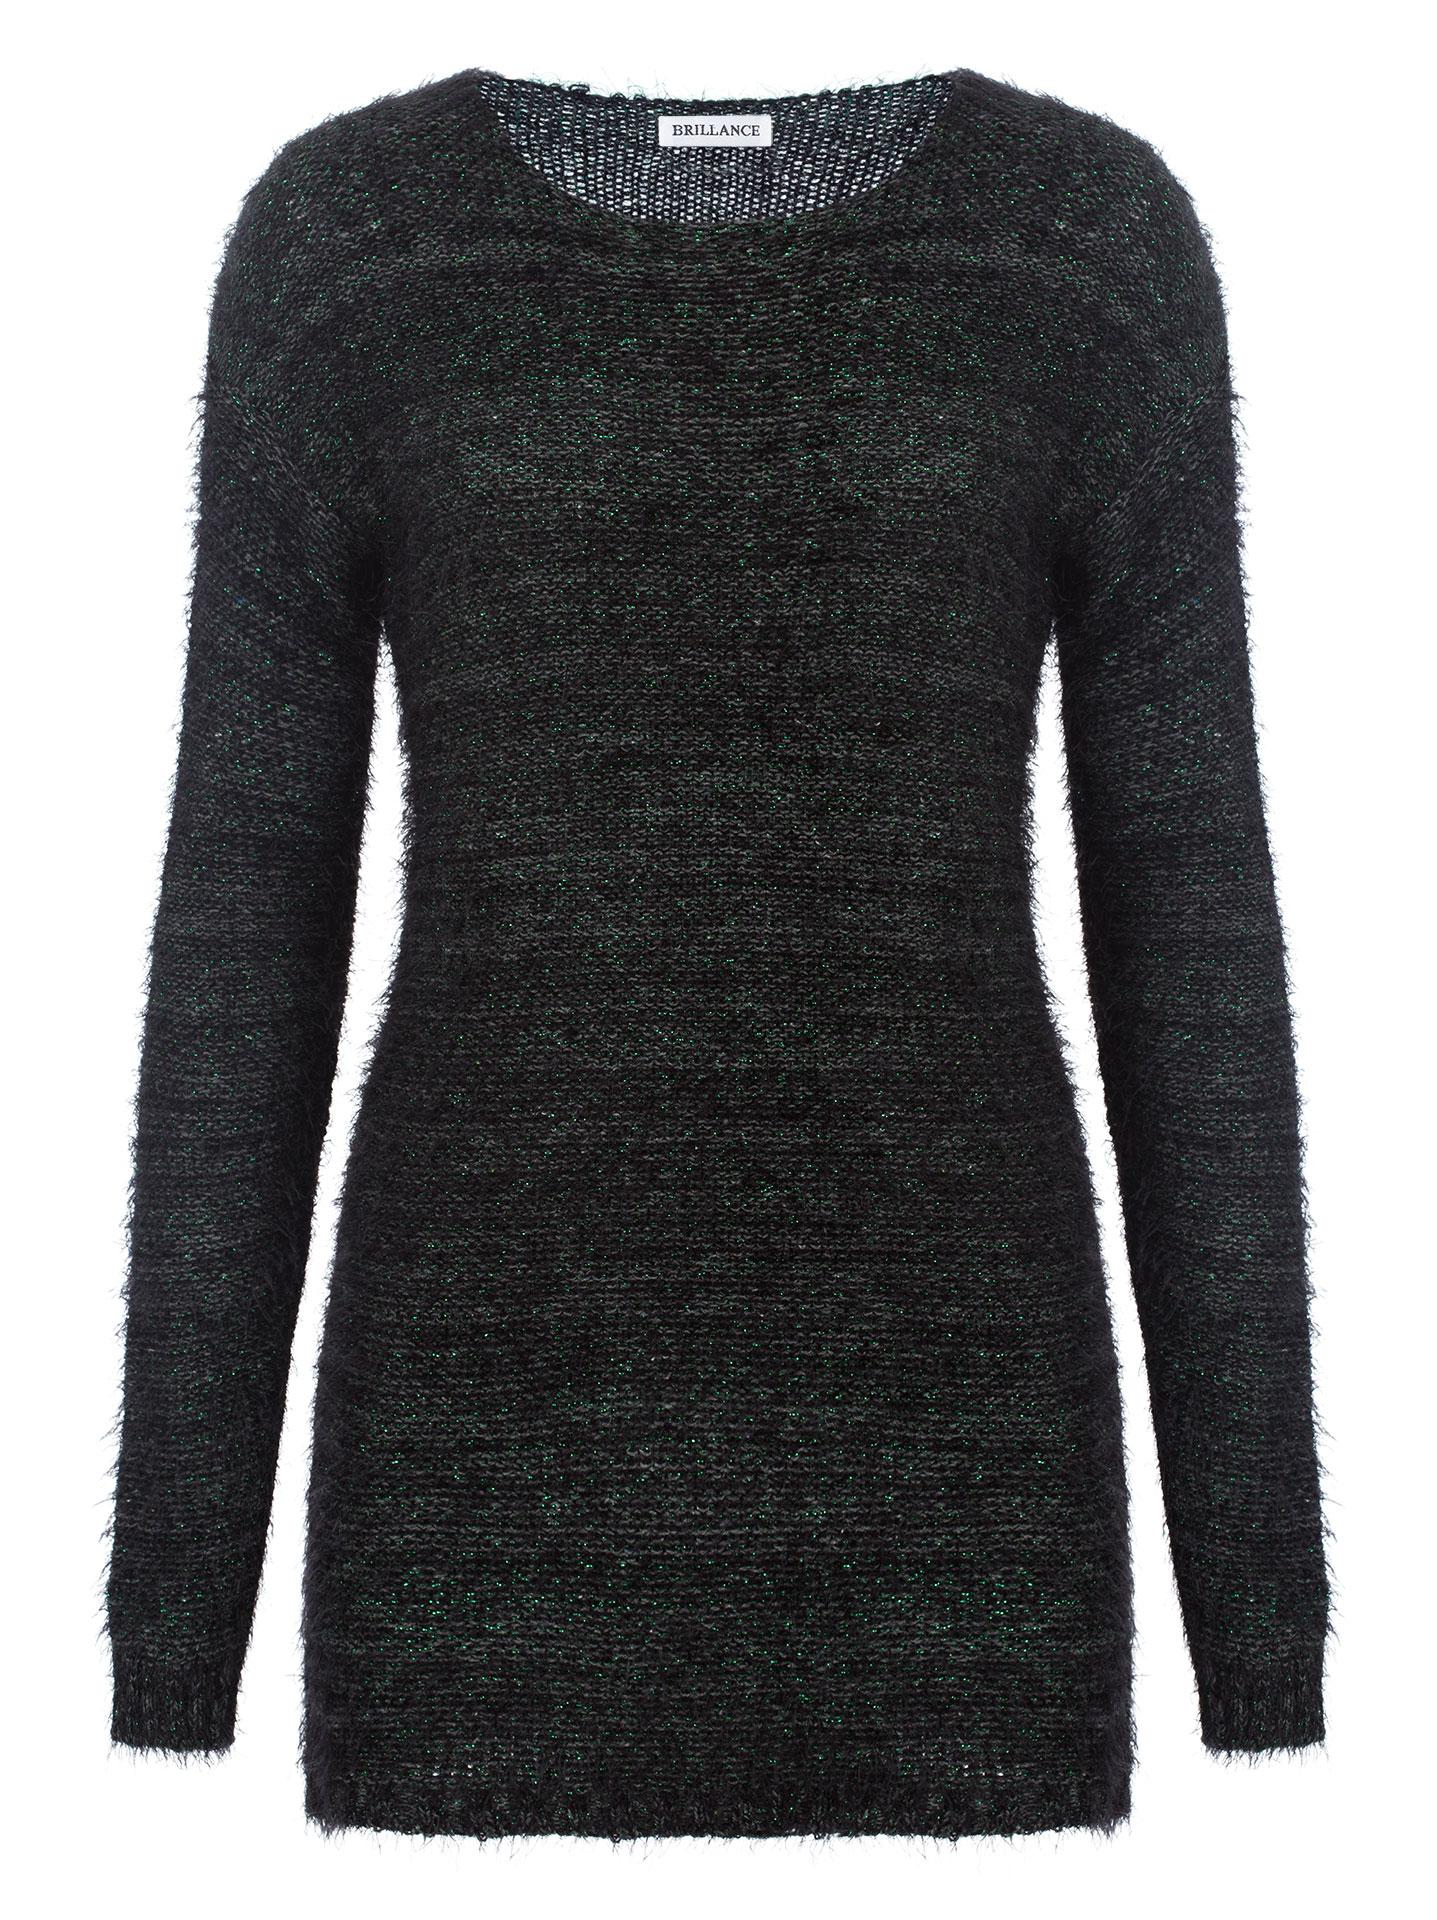 c16ae83d6635 Μακρύ μεταλλιζέ χνουδωτό πουλόβερ σε μιχ 1